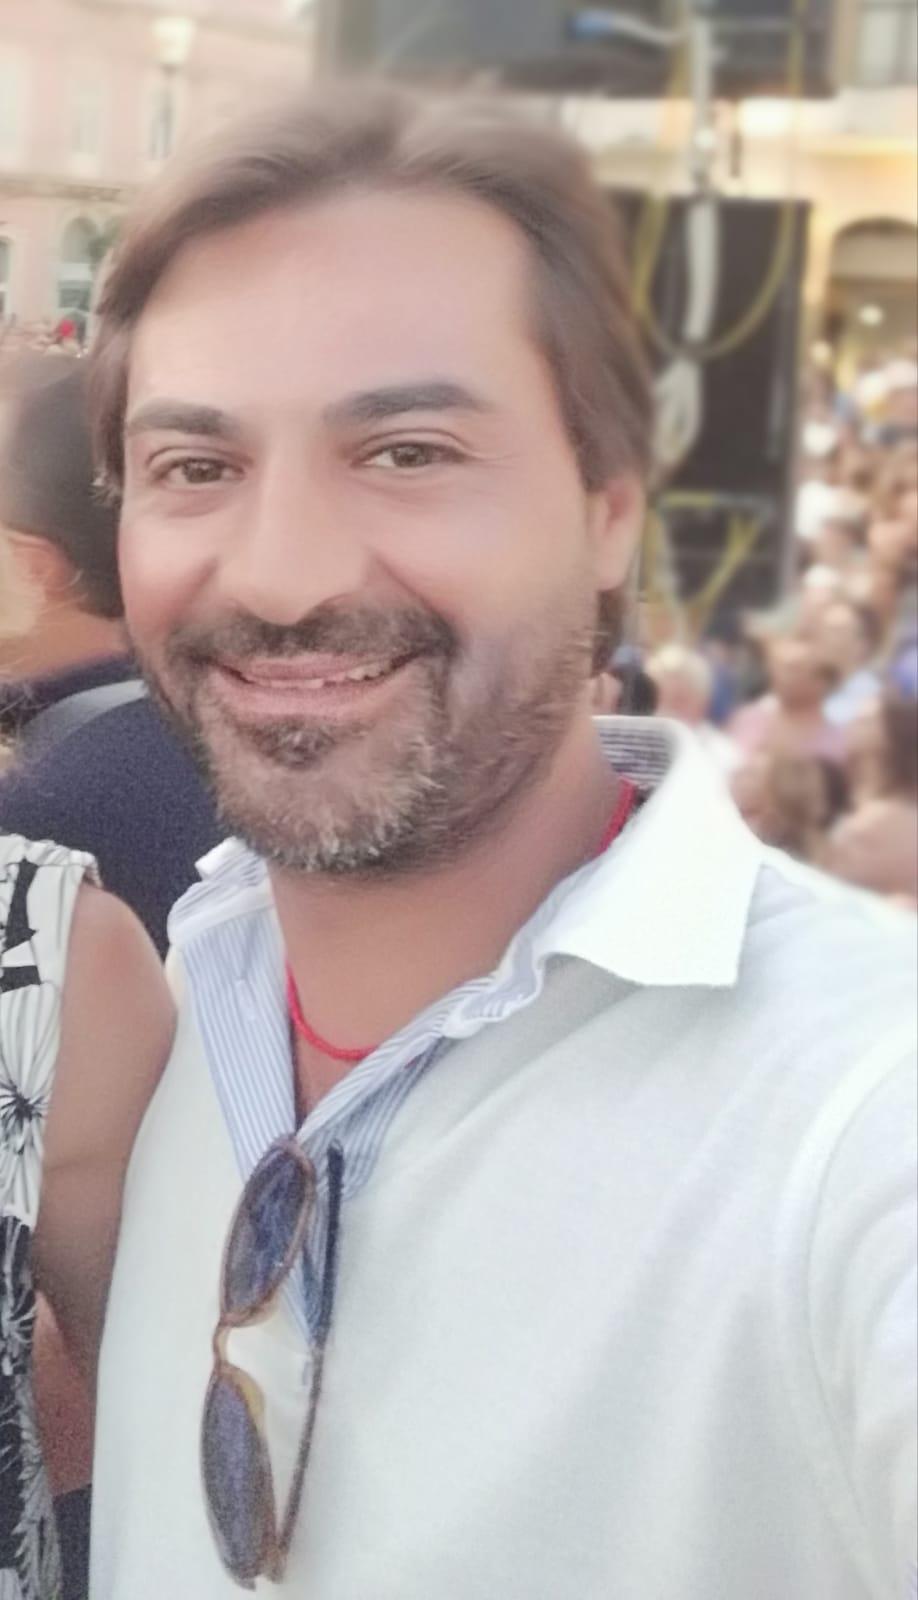 Fabio La Ferla, presidente dell'Organizzazione Siciliana Ambientale, presenta i programmi